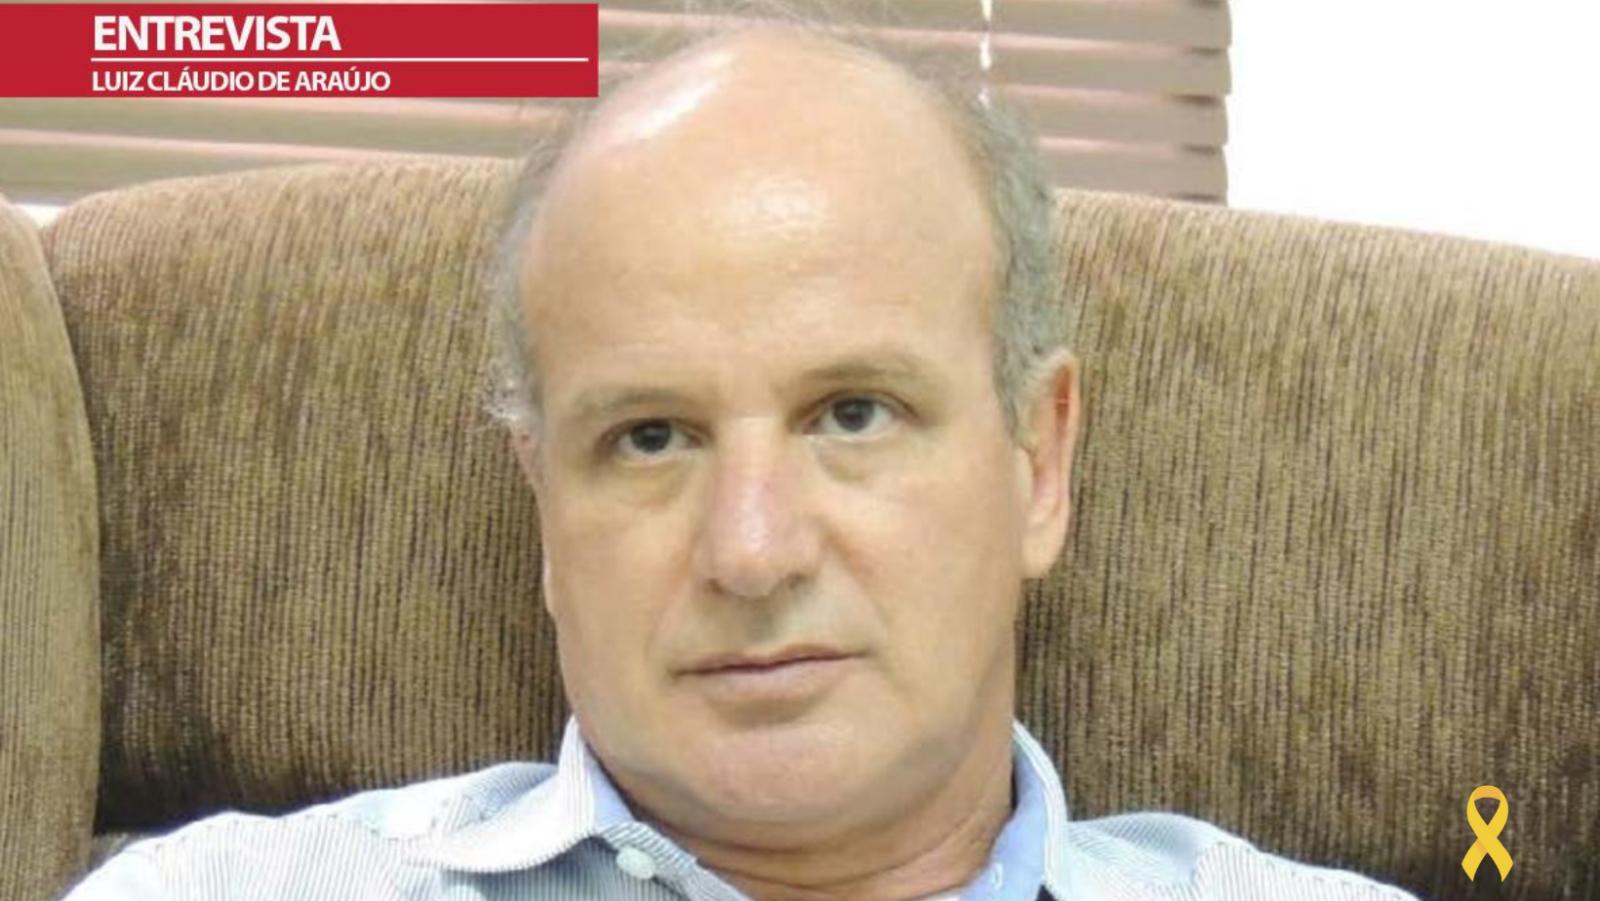 Os perigos da mente: relembre a entrevista com o psicólogo Luiz Cláudio de Araújo